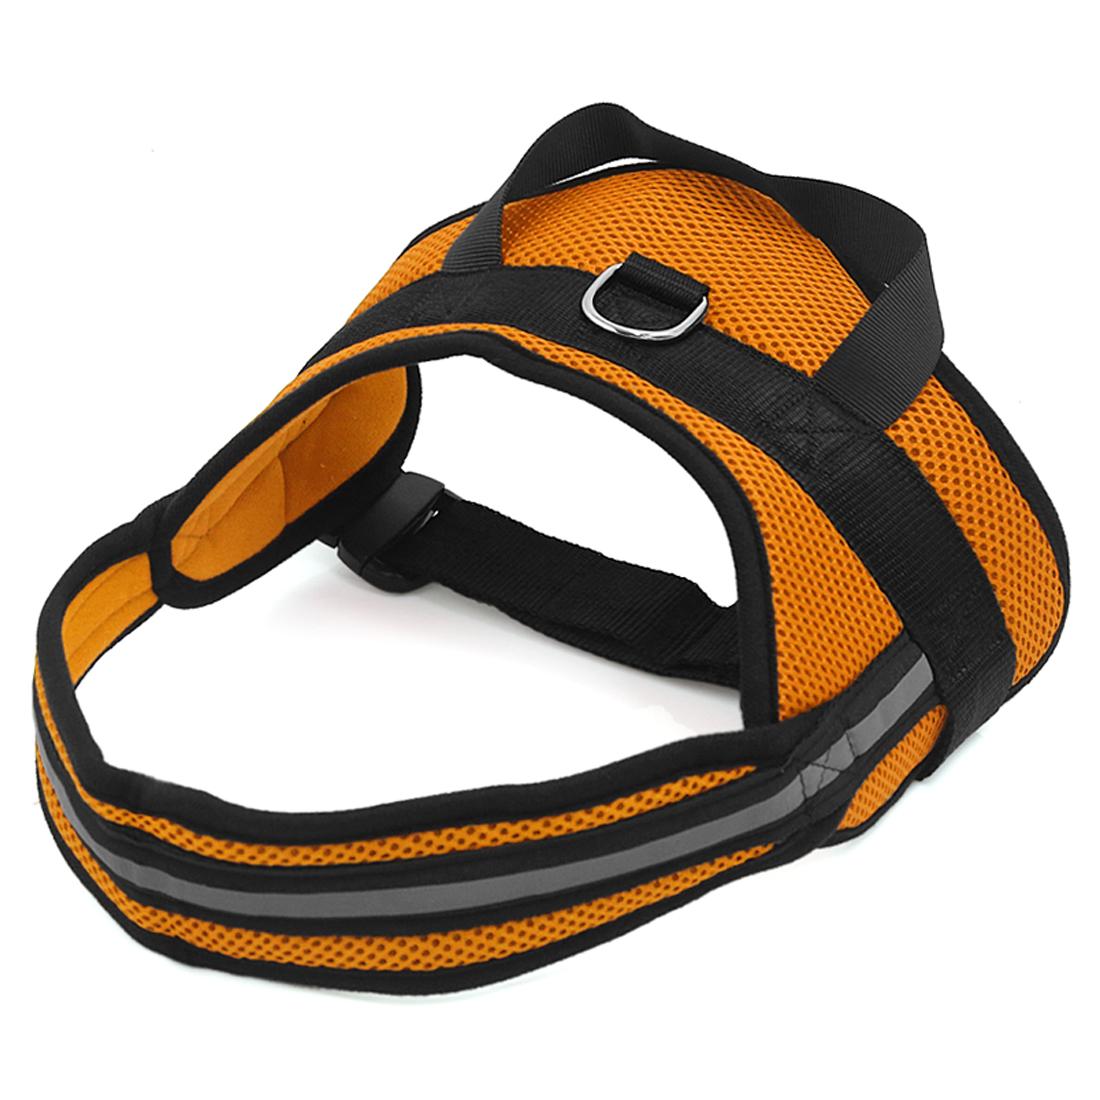 Big Dog Soft Mesh Reflective No Pull Harness Adjustable Large Pet Walk Vest Safe Control Collar Orange M